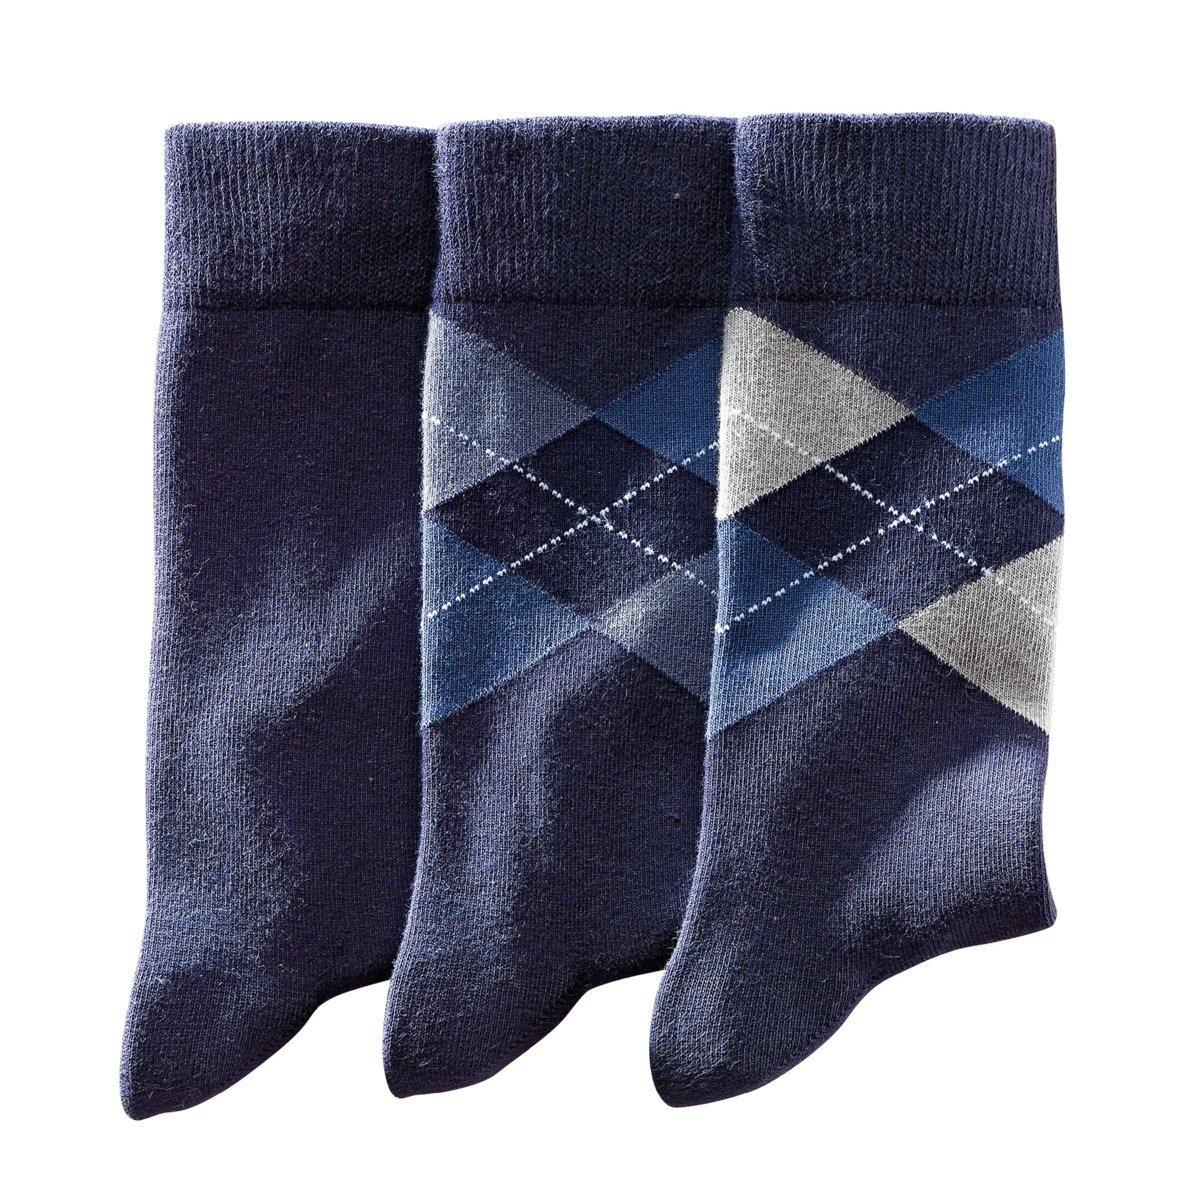 3 пары носков1 однотонные + 2 с рисунком ромбы. 73% хлопка, 26% полиамида, 1% эластана. В комплекте 3 пары носков.<br><br>Цвет: синий морской,черный